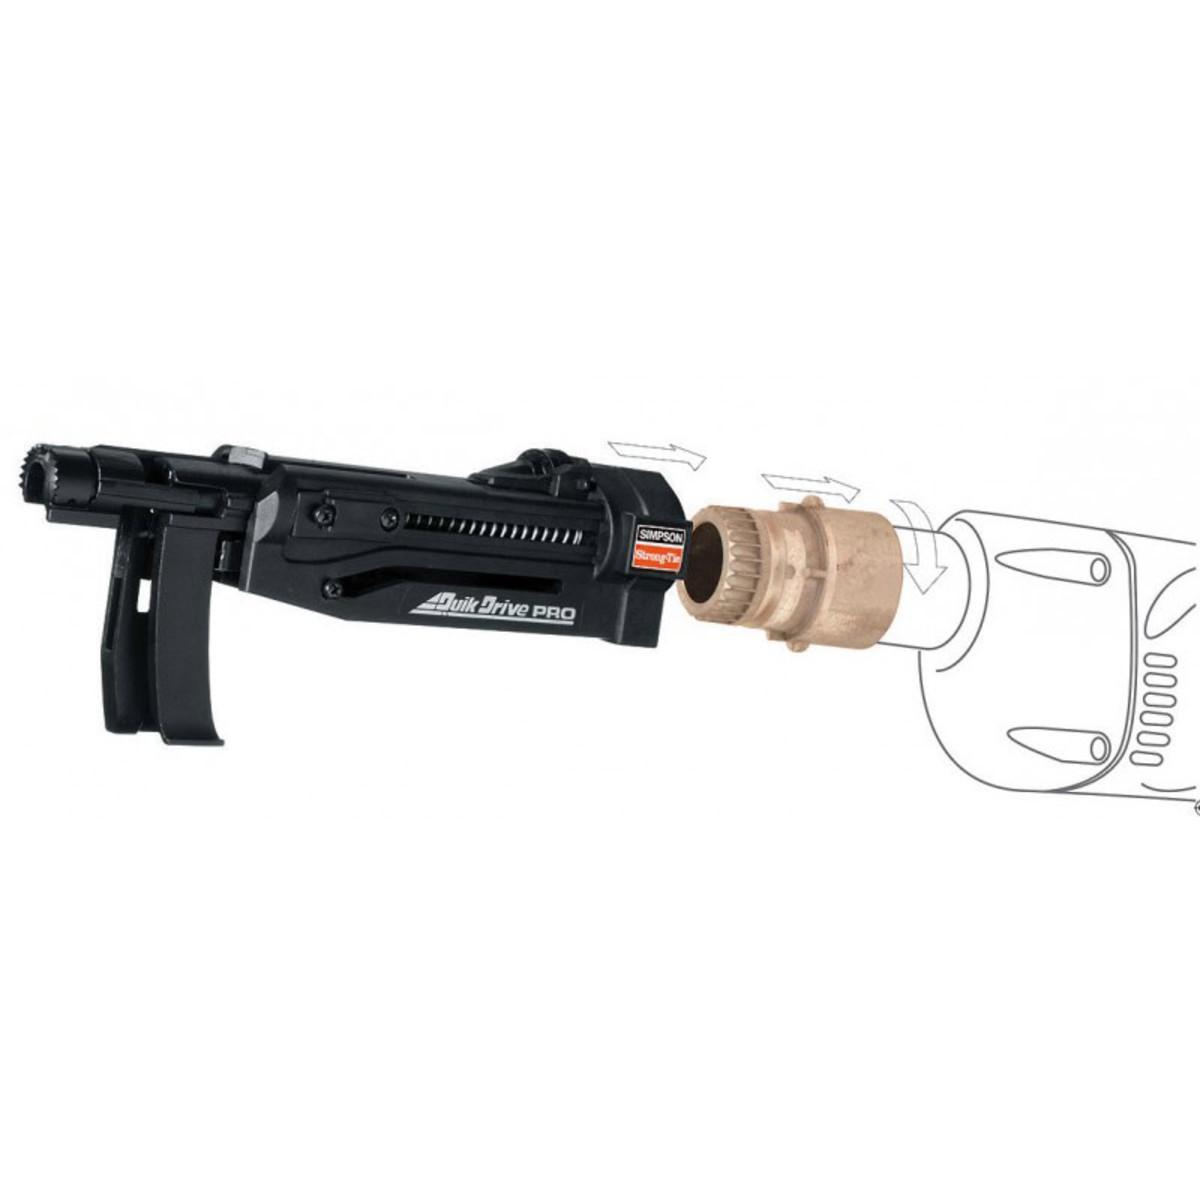 MAAG2-RC Quik Drive Adapter makita